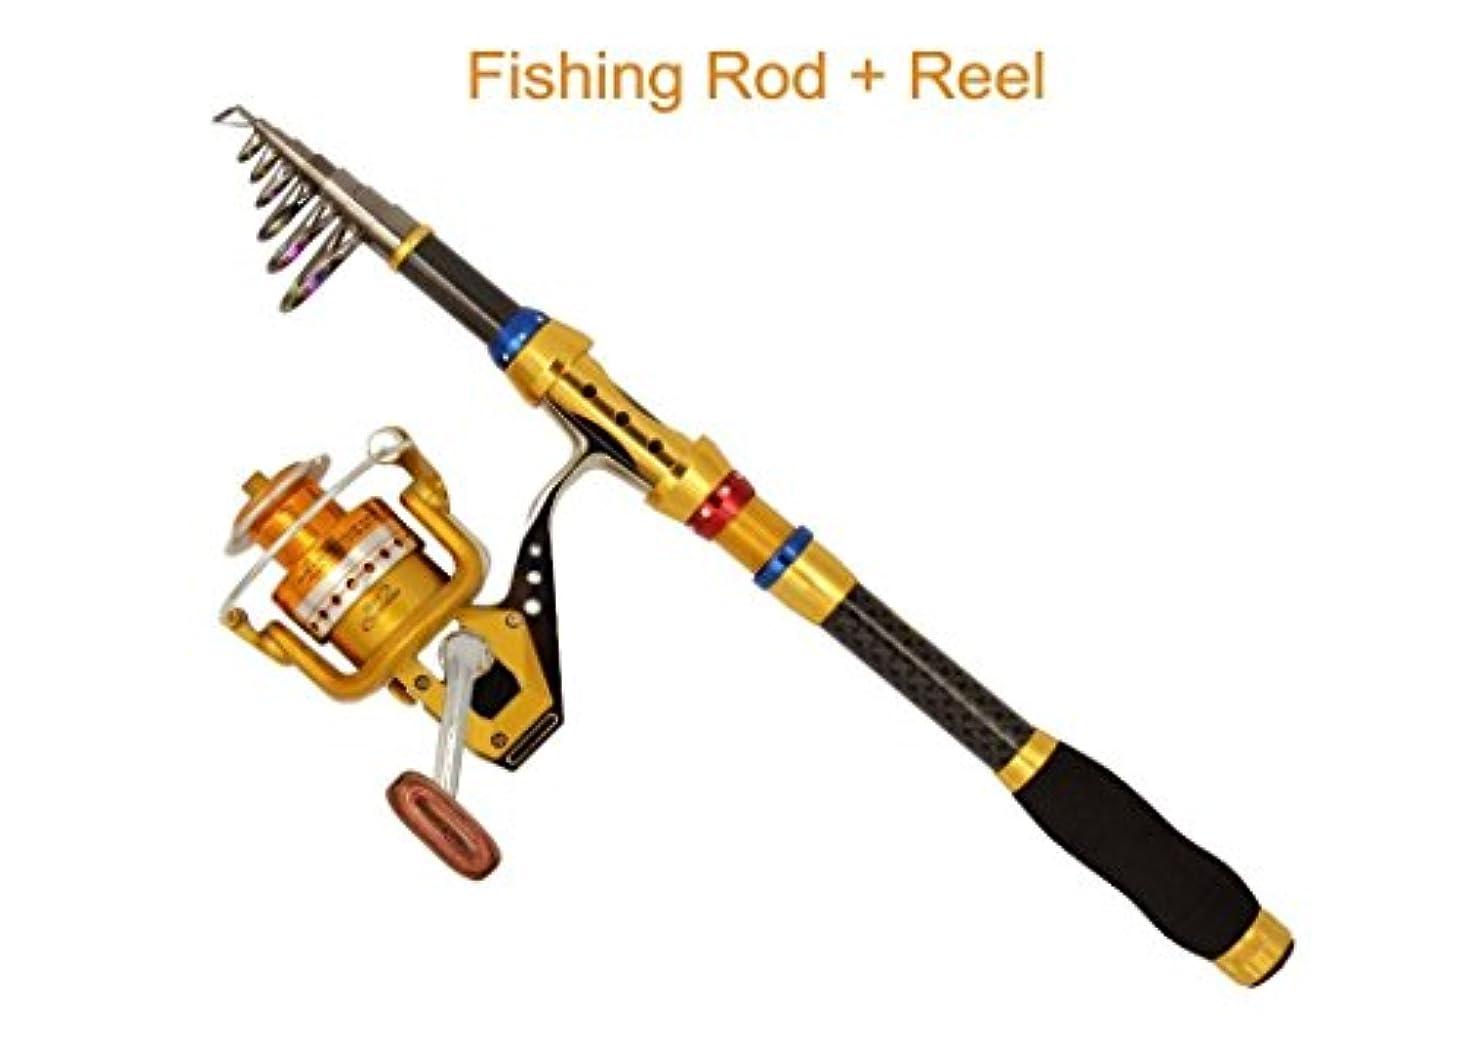 説得ヒギンズ国歌Pezoポータブル折り畳み式カーボンファイバー旅行釣りロッドとyumoshiスピナーリールコンボ